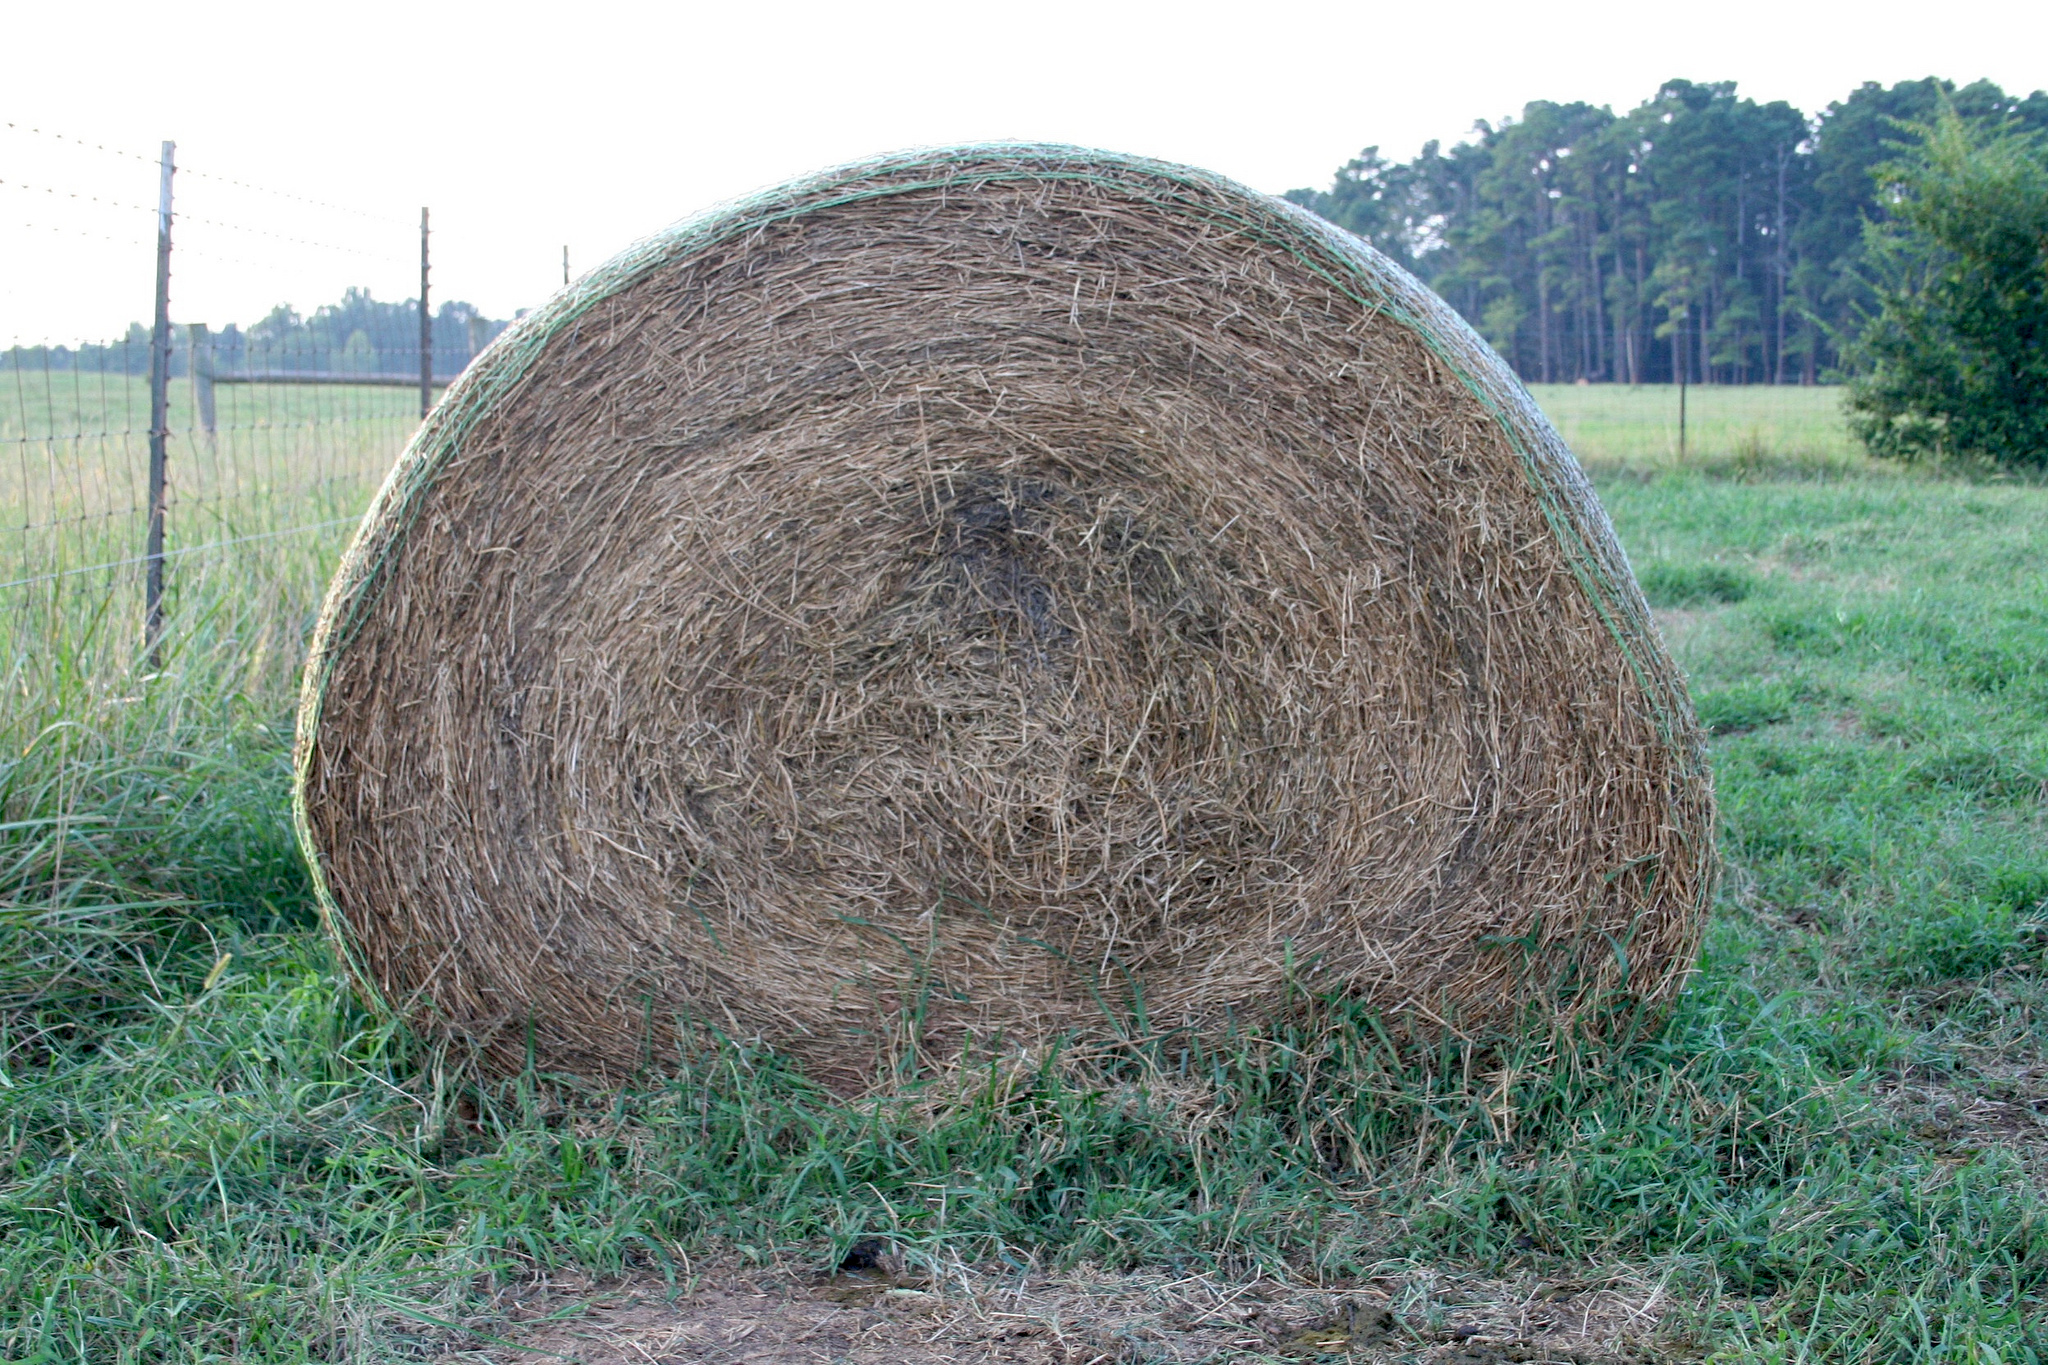 为了确定干草的质量,乔治亚州的农民相信来自乔治亚州雅典的乔治亚大学农业和环境服务实验室的饲料测试。本实验室提供相对牧草质量(RFQ)评估。该值是一个单一、易于解释的数字,可以提高生产者对饲料质量的理解,并有助于建立产品的公平市场价值。